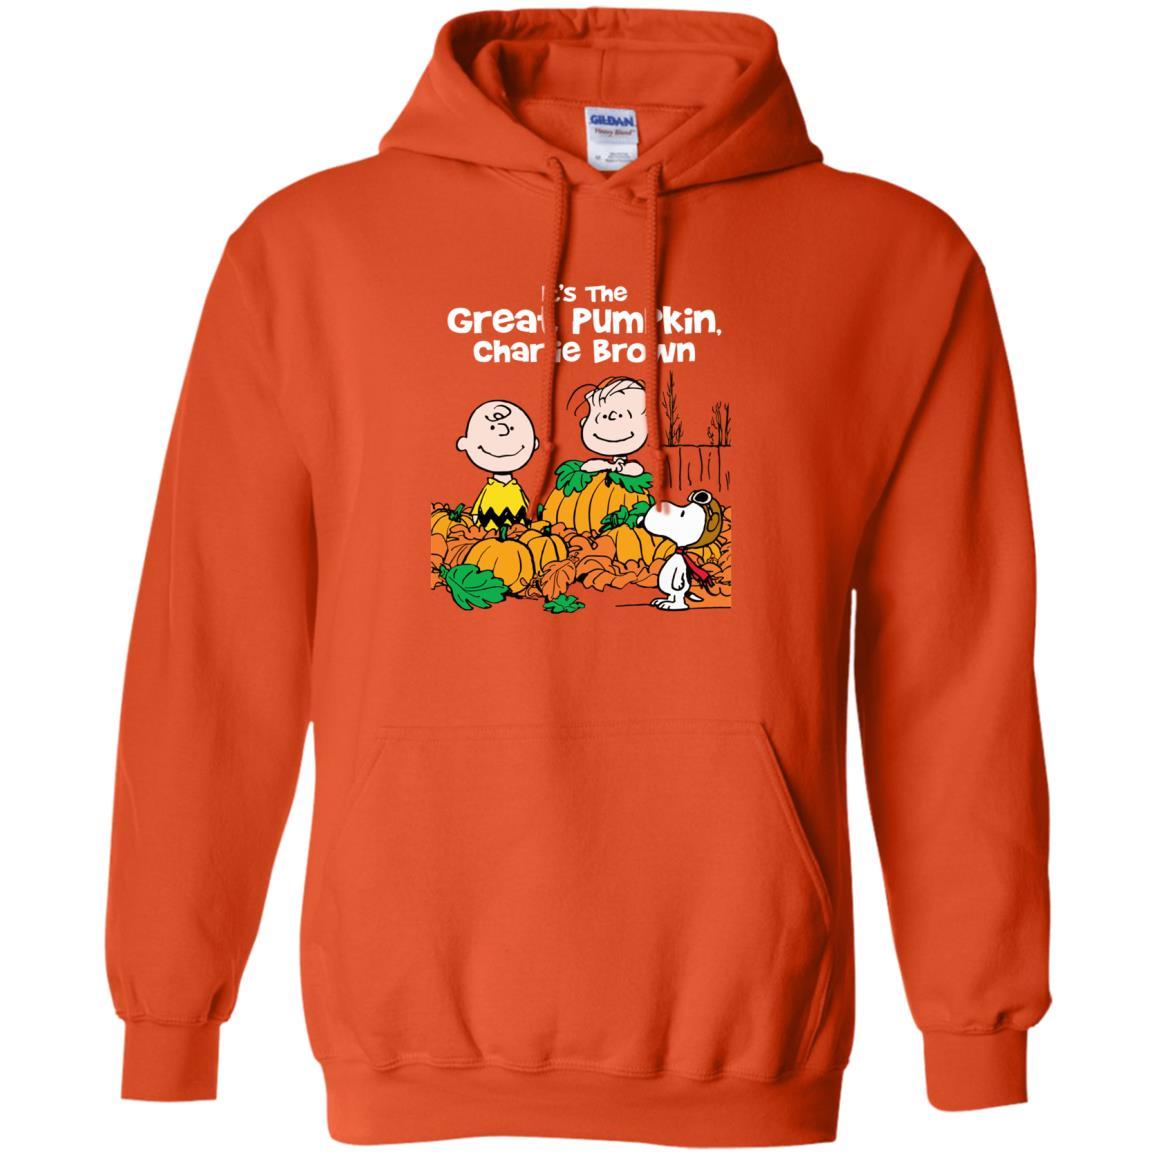 image 258 - It's the Great Pumpkin Charlie Brown shirt, hoodie, tank